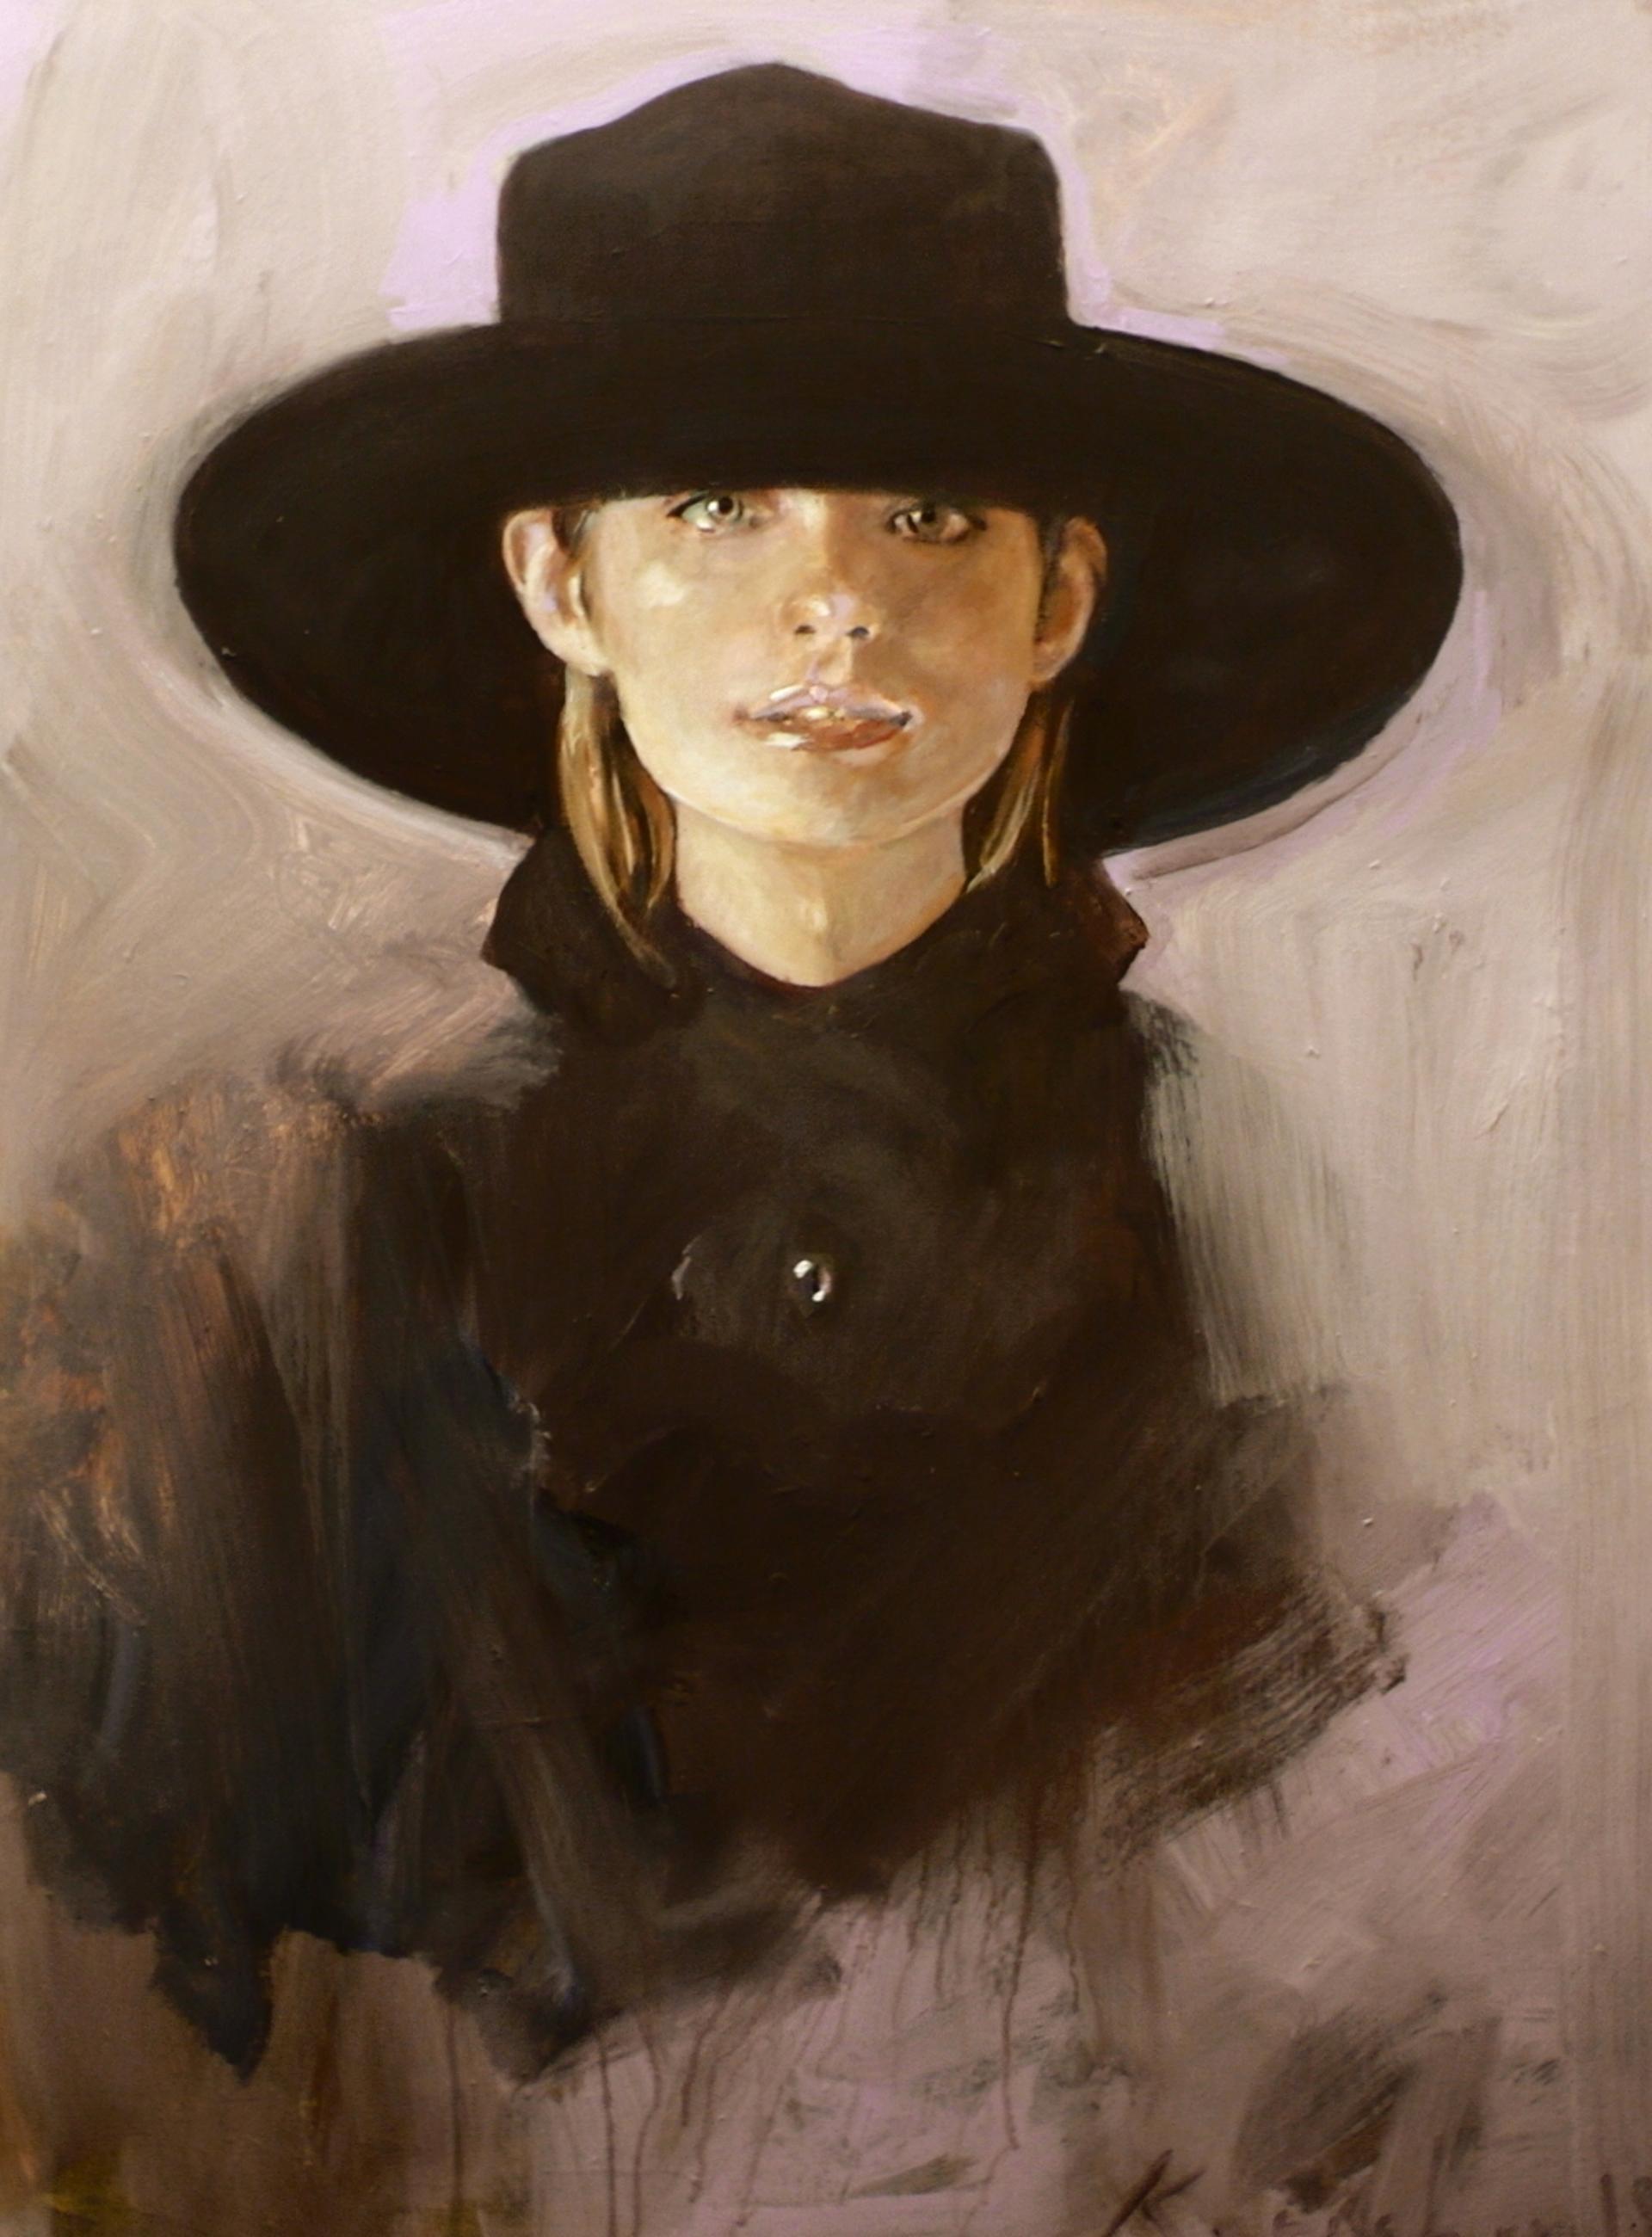 Black Hat #3 by Tobin G Karicher